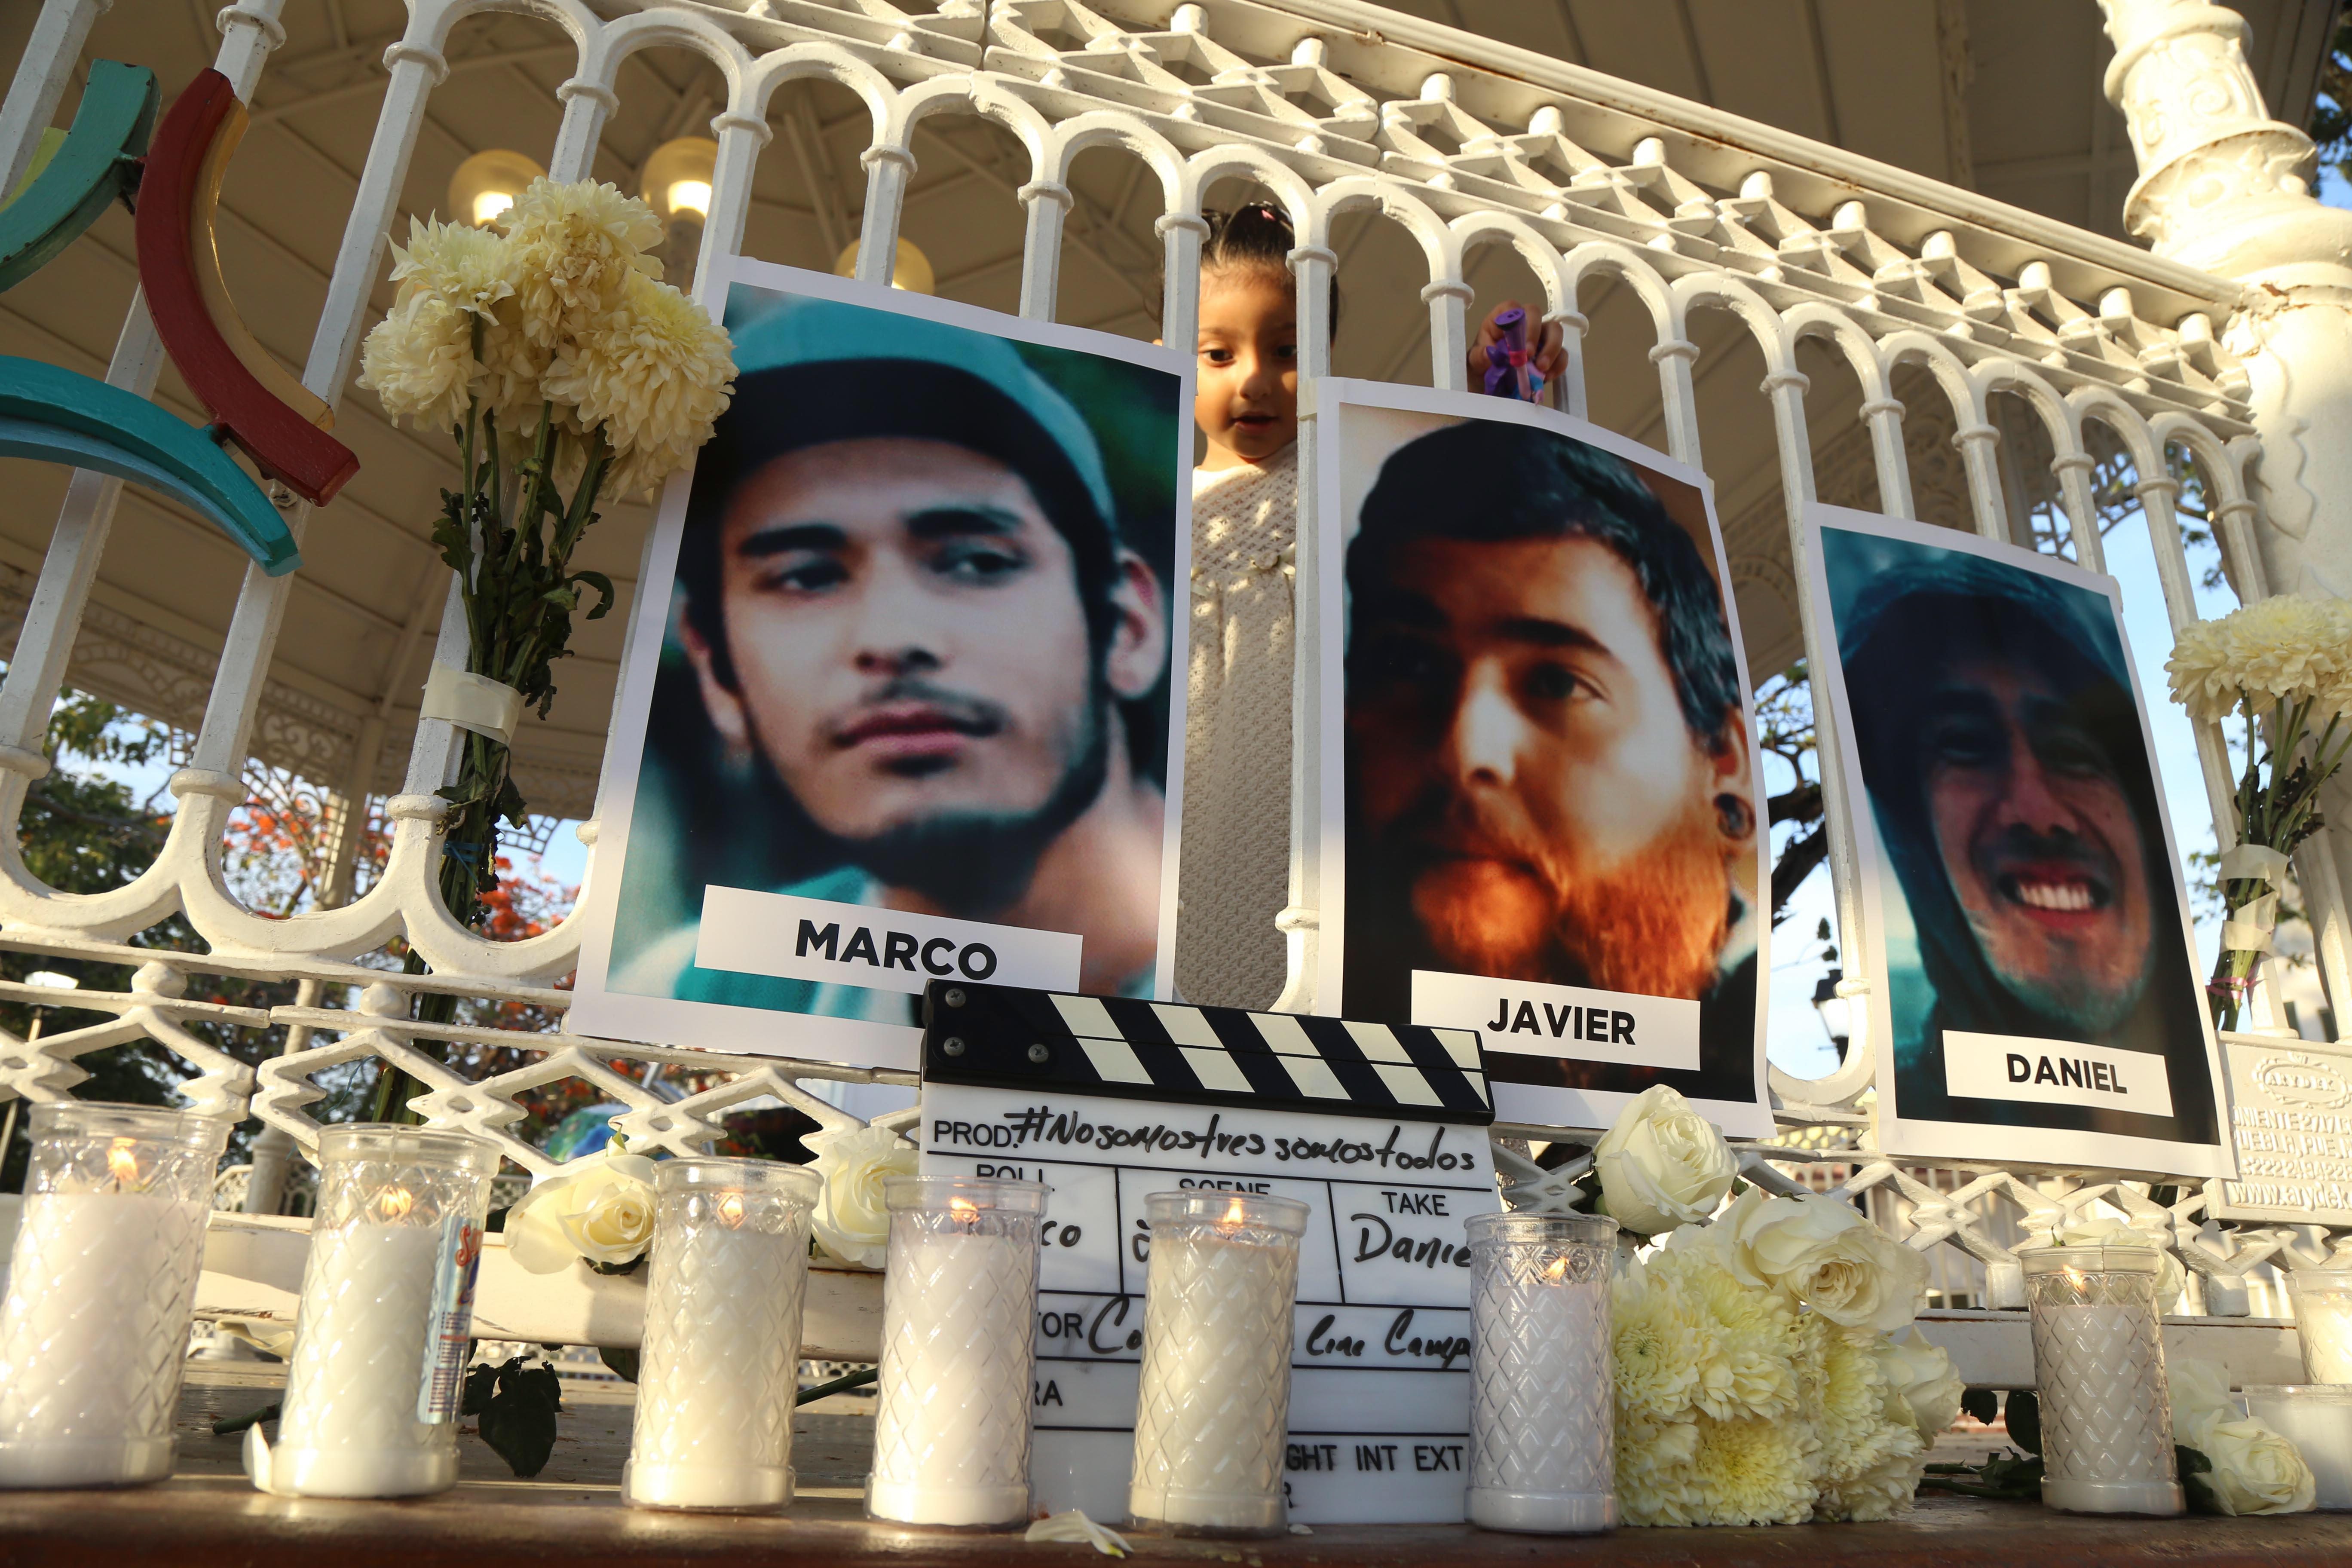 Integrantes del Colectivo de Cine Campechano durante una manifestación el 4 de mayo pasado en el parque...